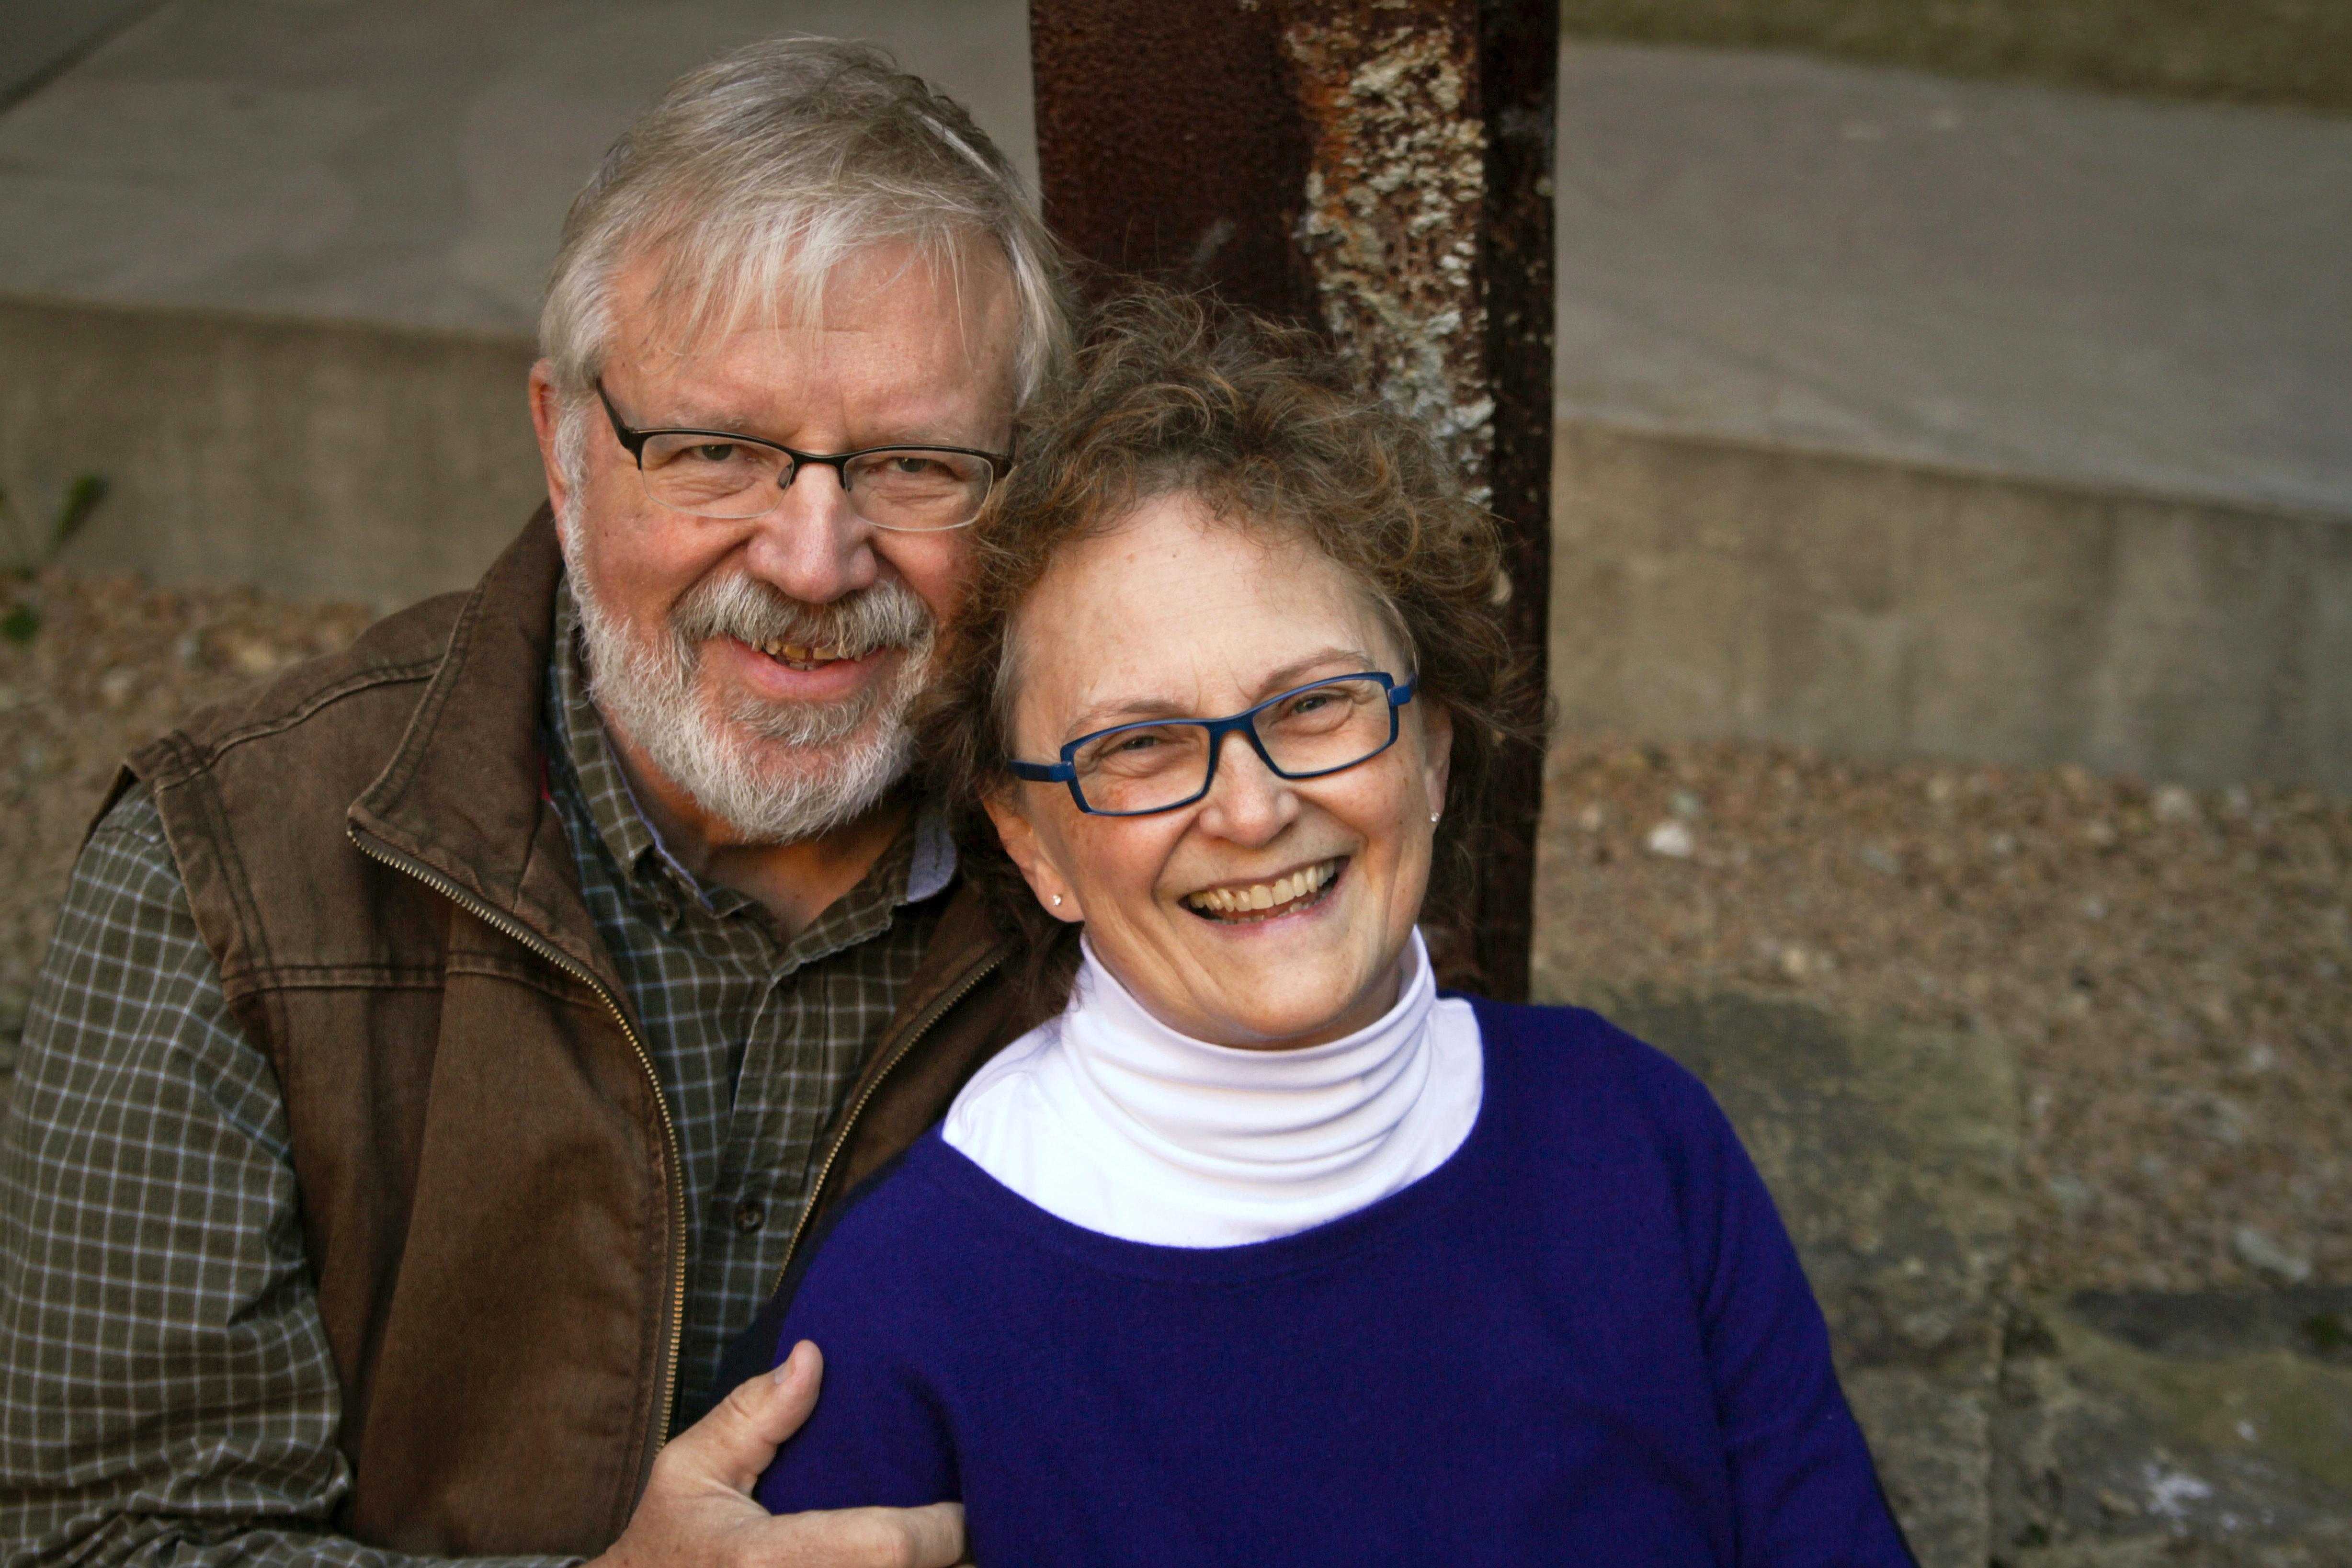 John and Sharlene Hensrud